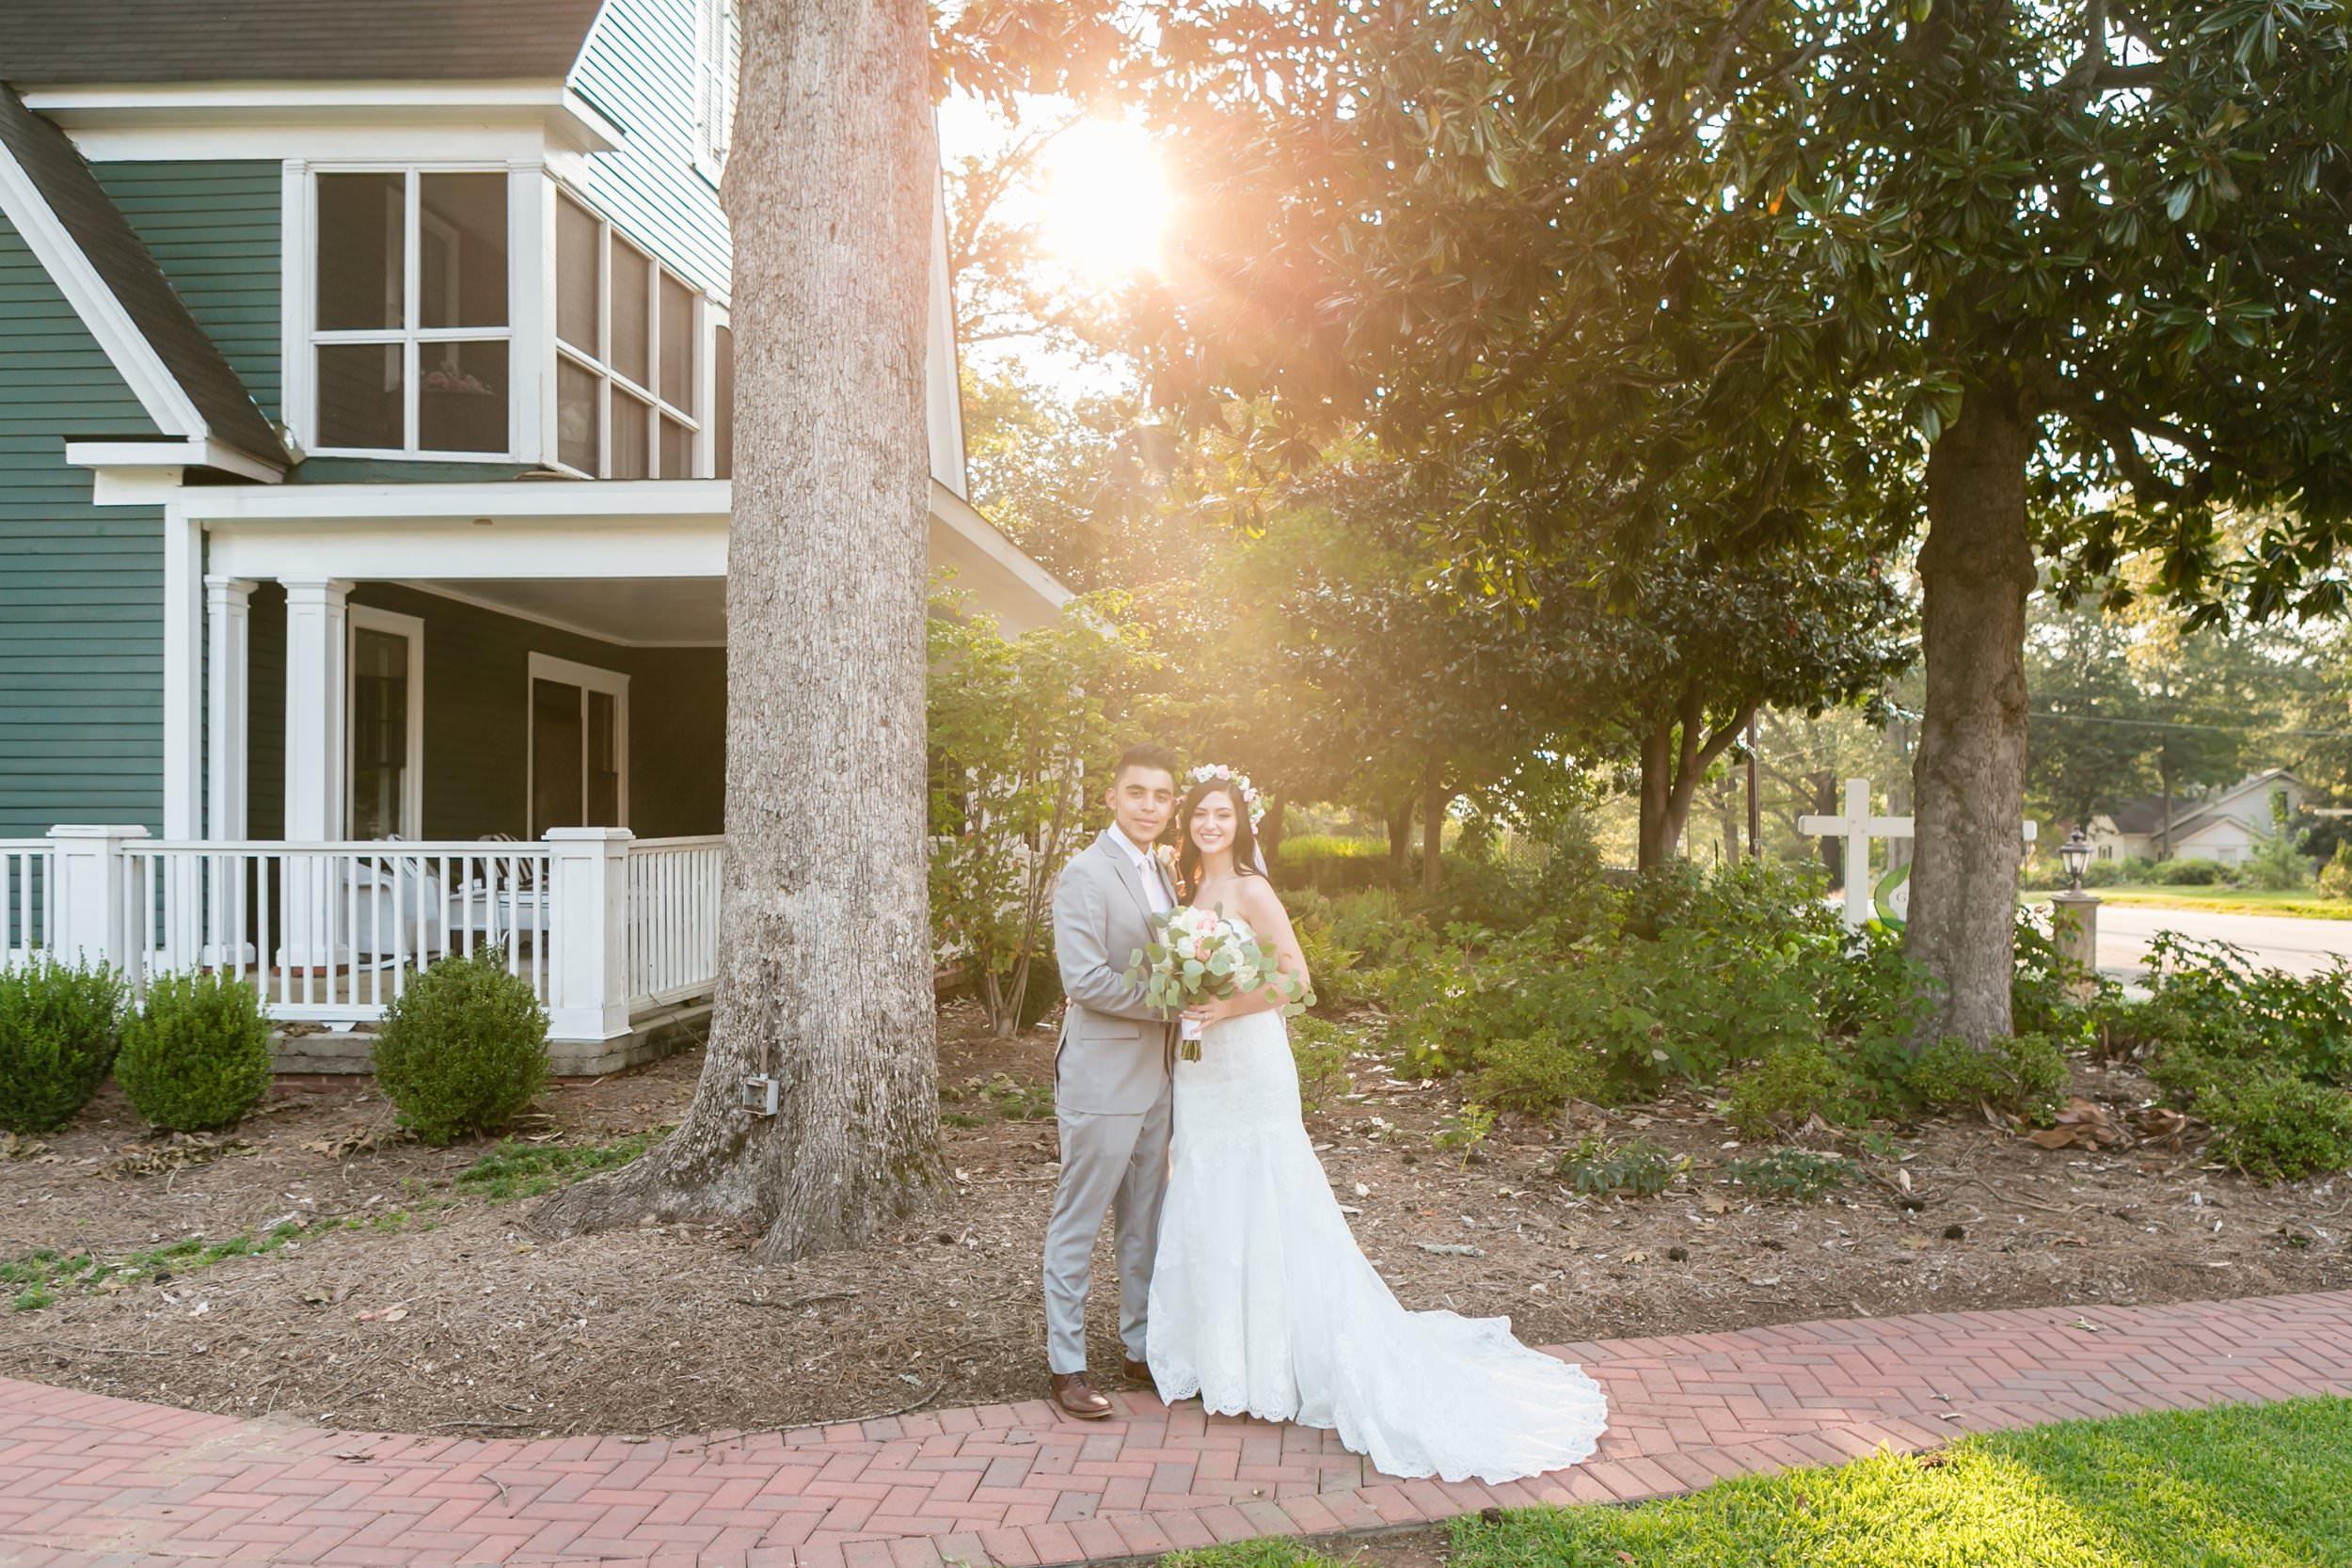 Magnolia-House-And-Garden-Wedding032.jpg